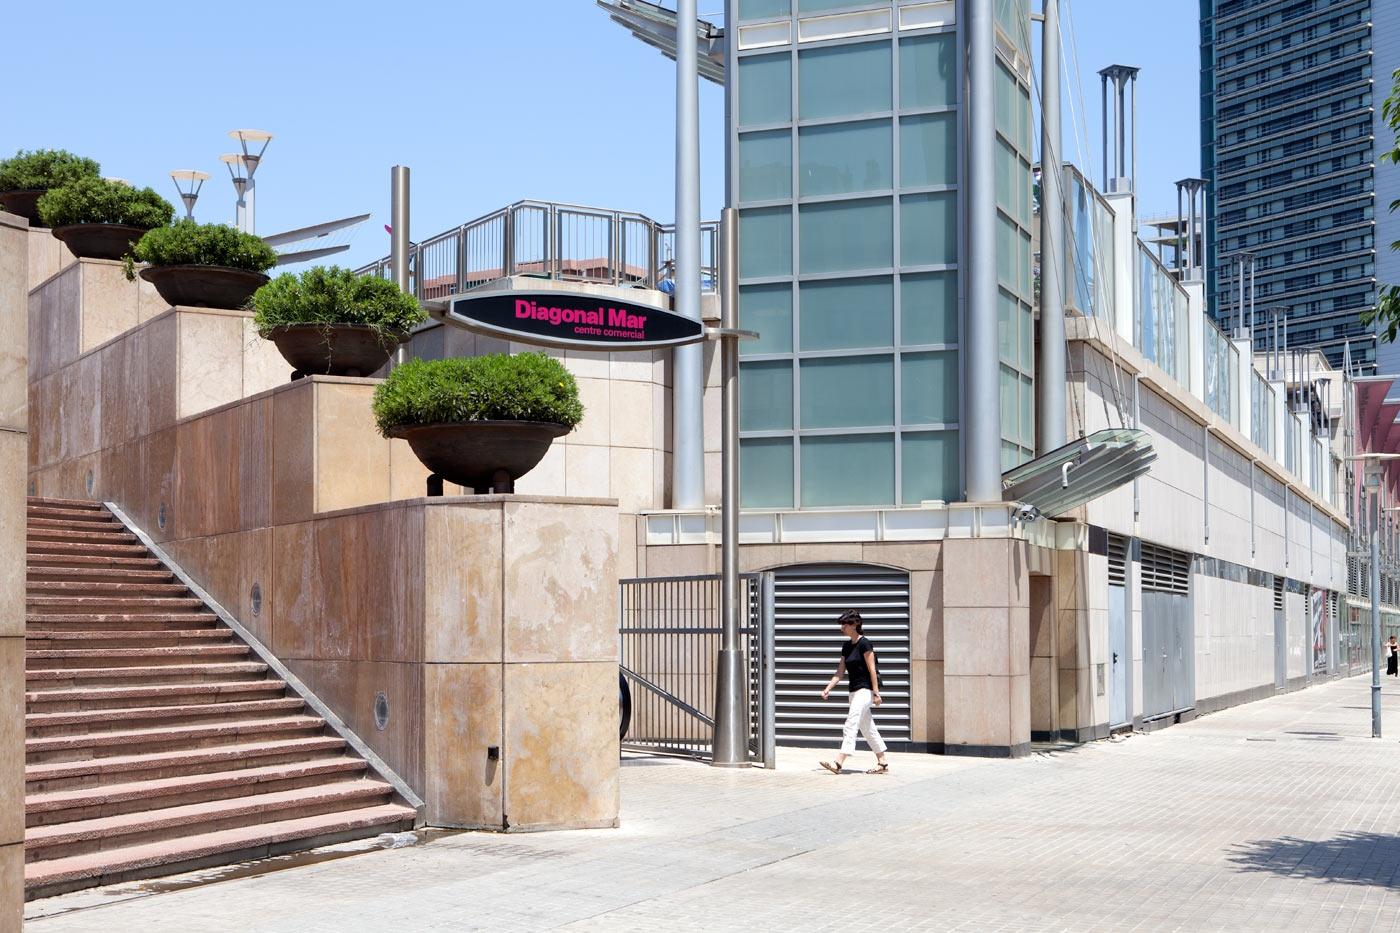 Hotel SB Diagonal Zero | Shopping